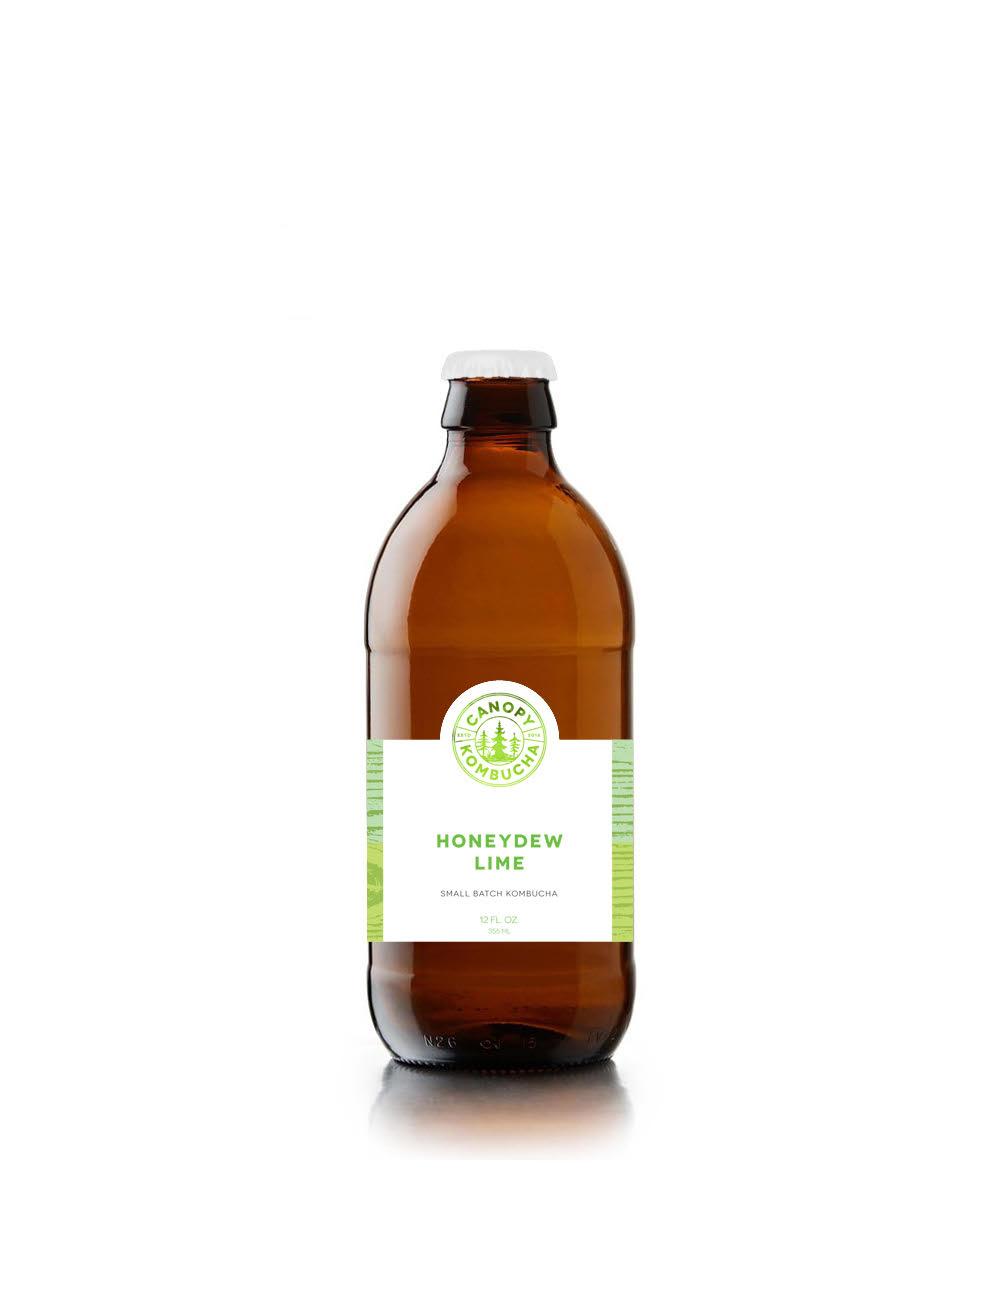 Honeydew Lime